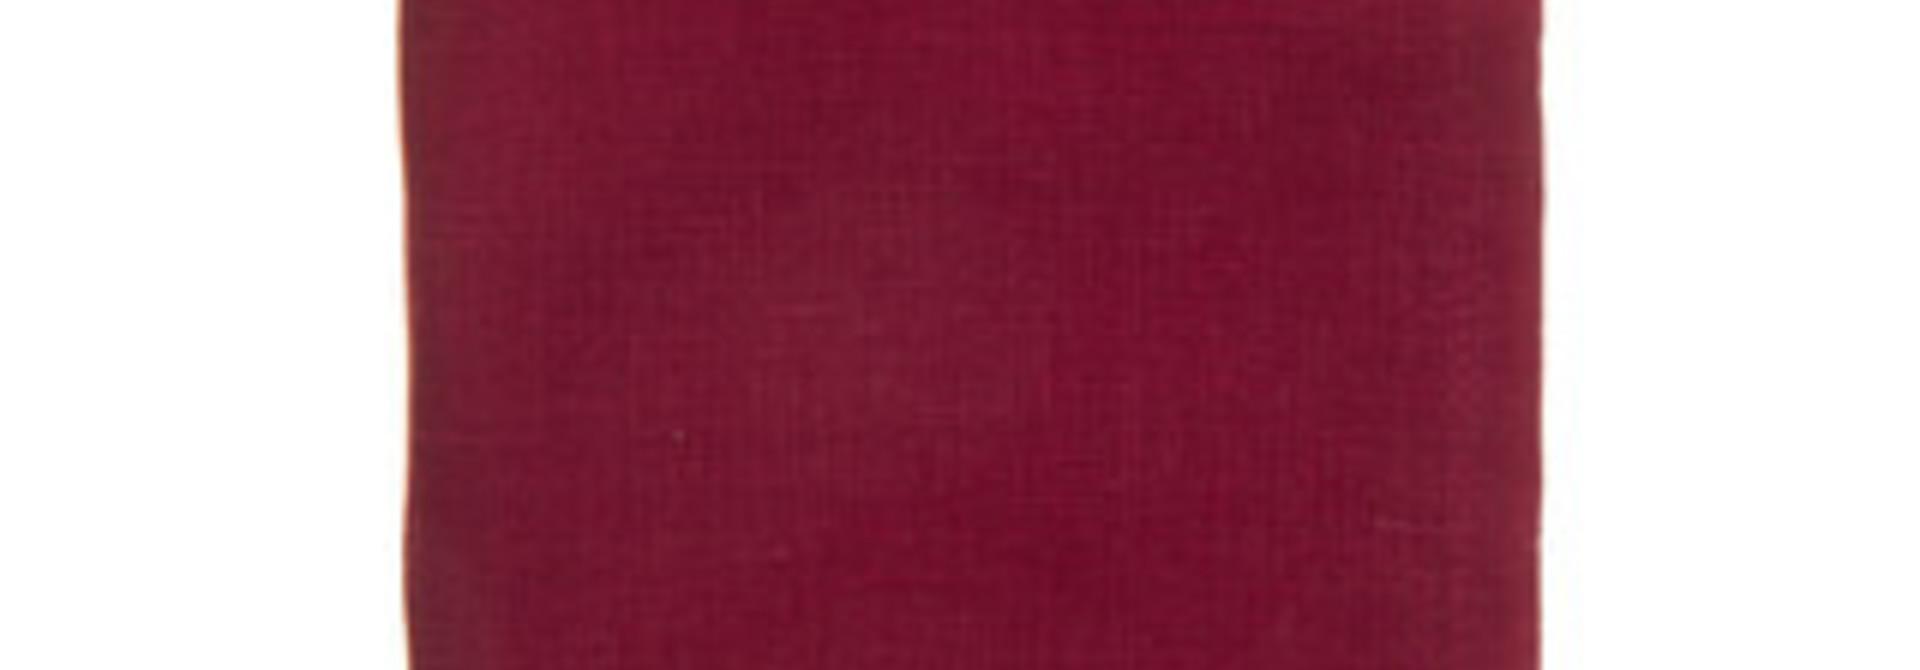 Table Runner - Vence - Cherry